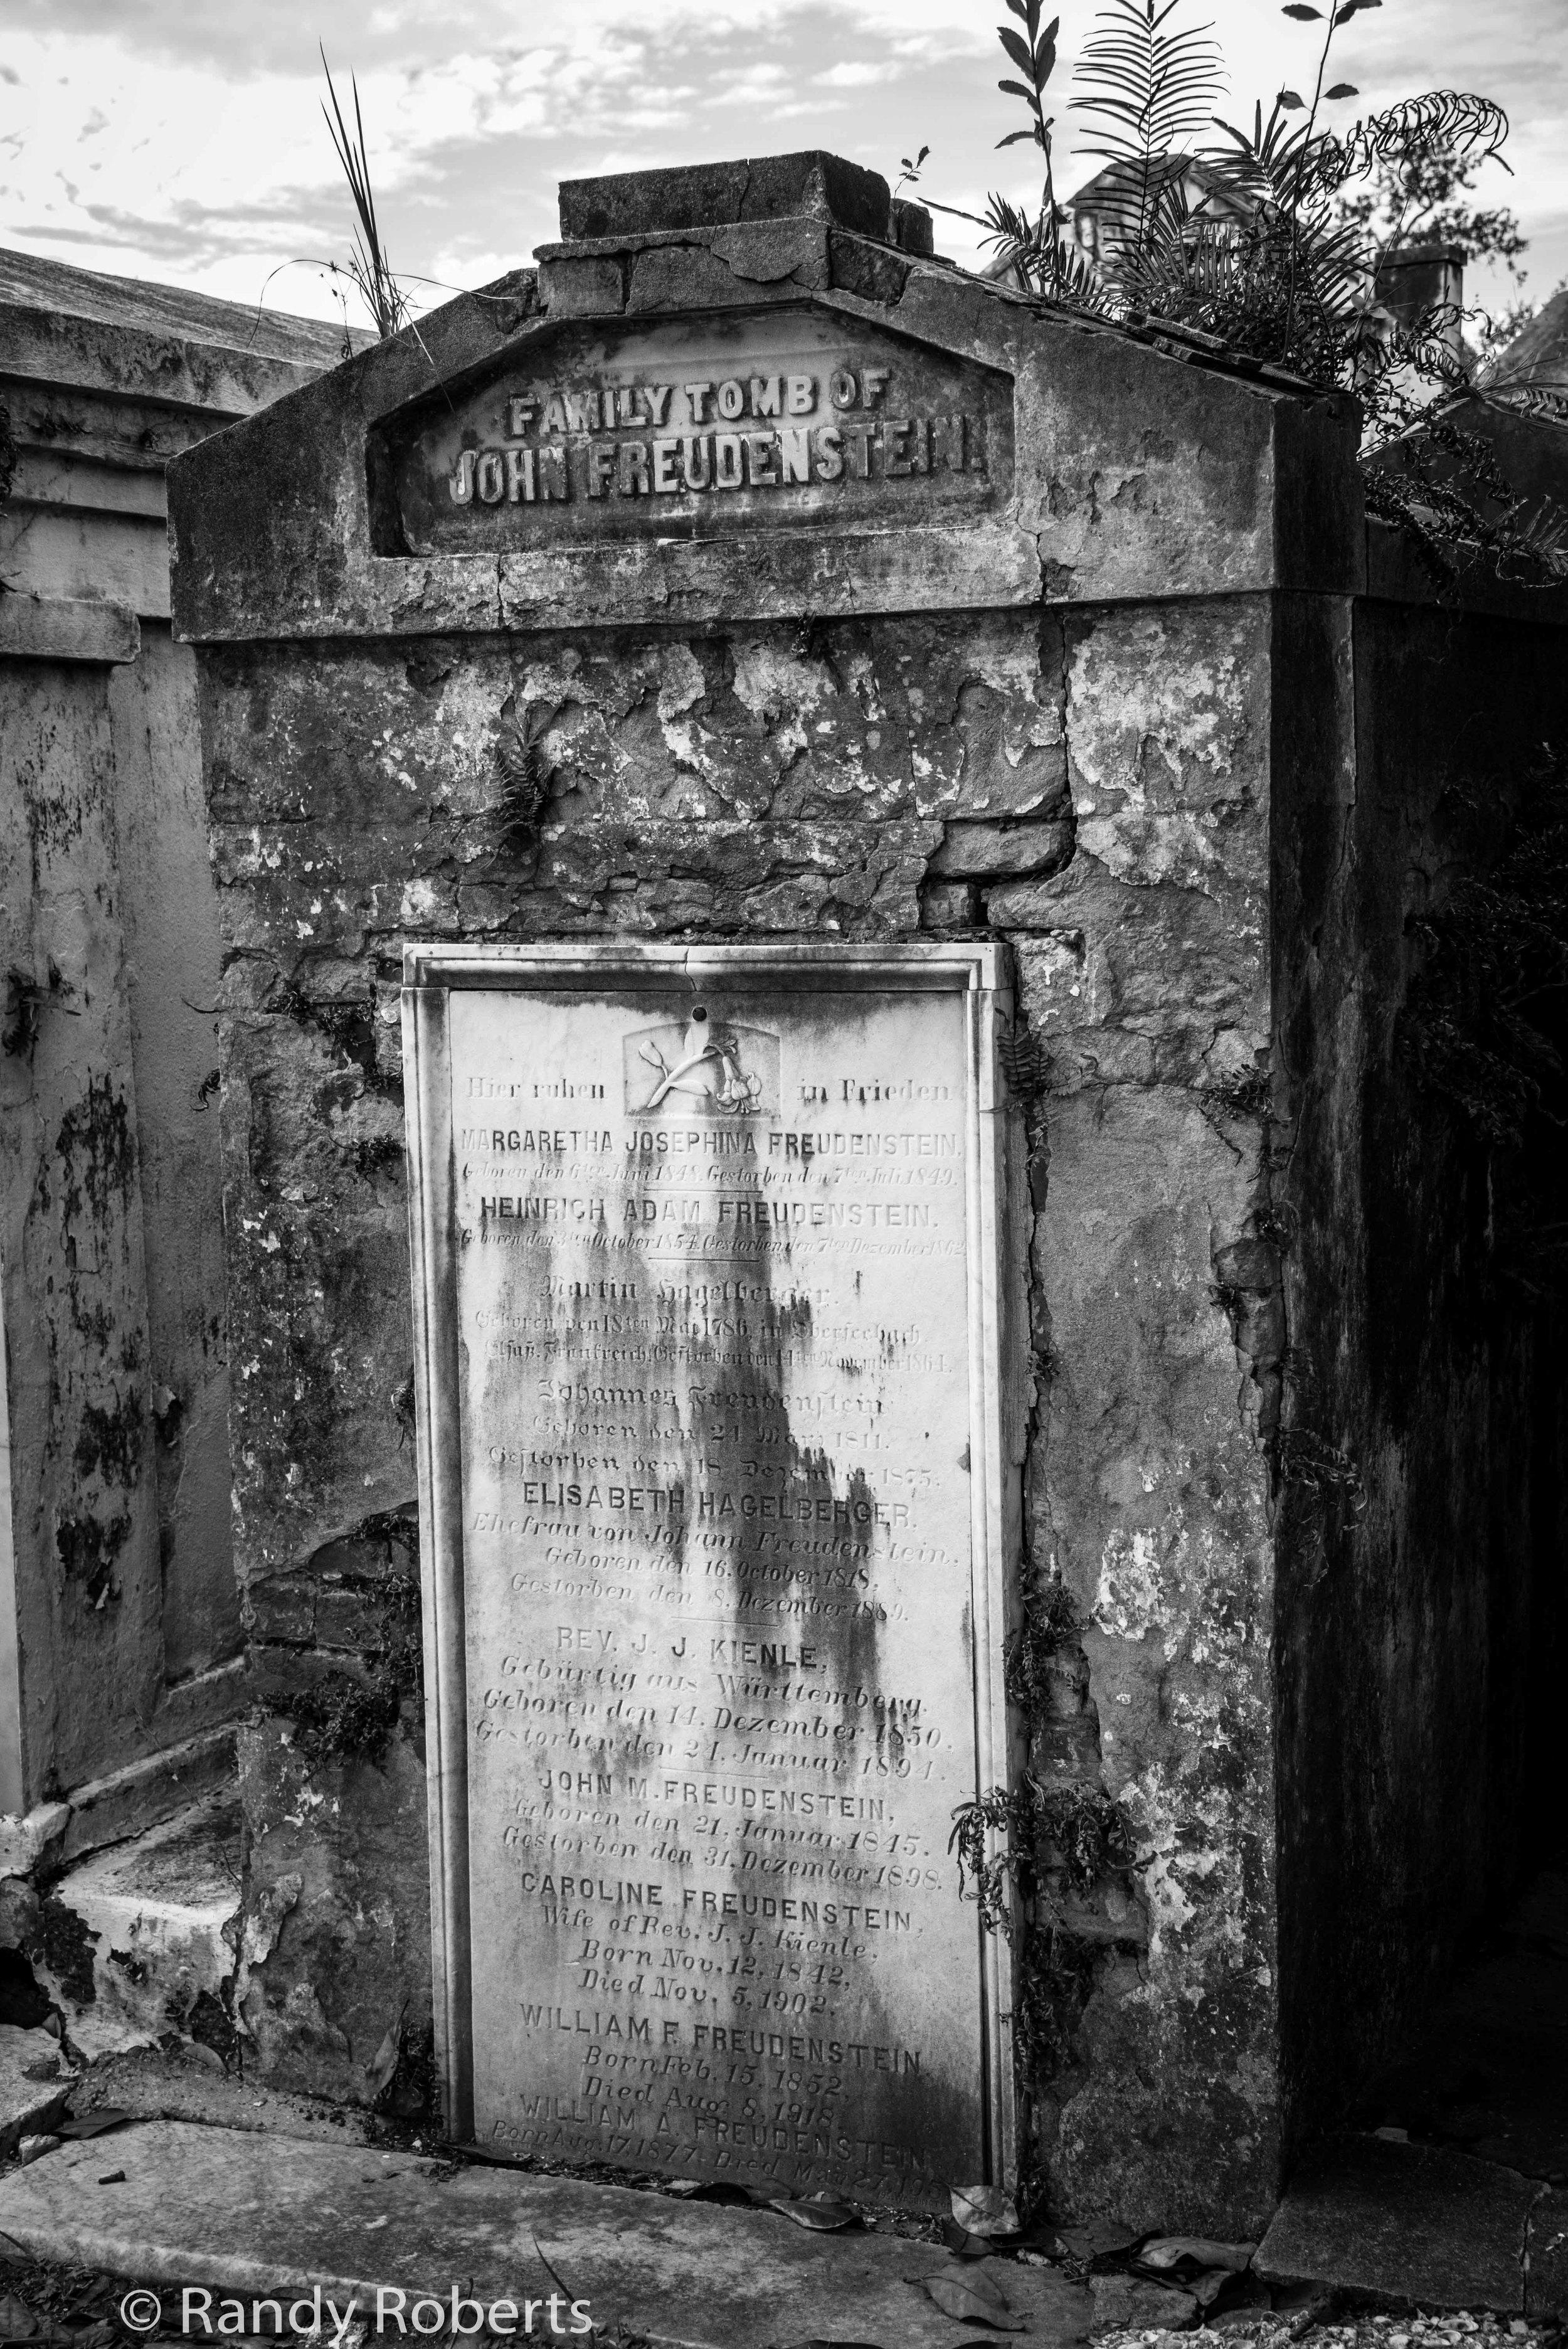 Family Tomb of John Freudenstein